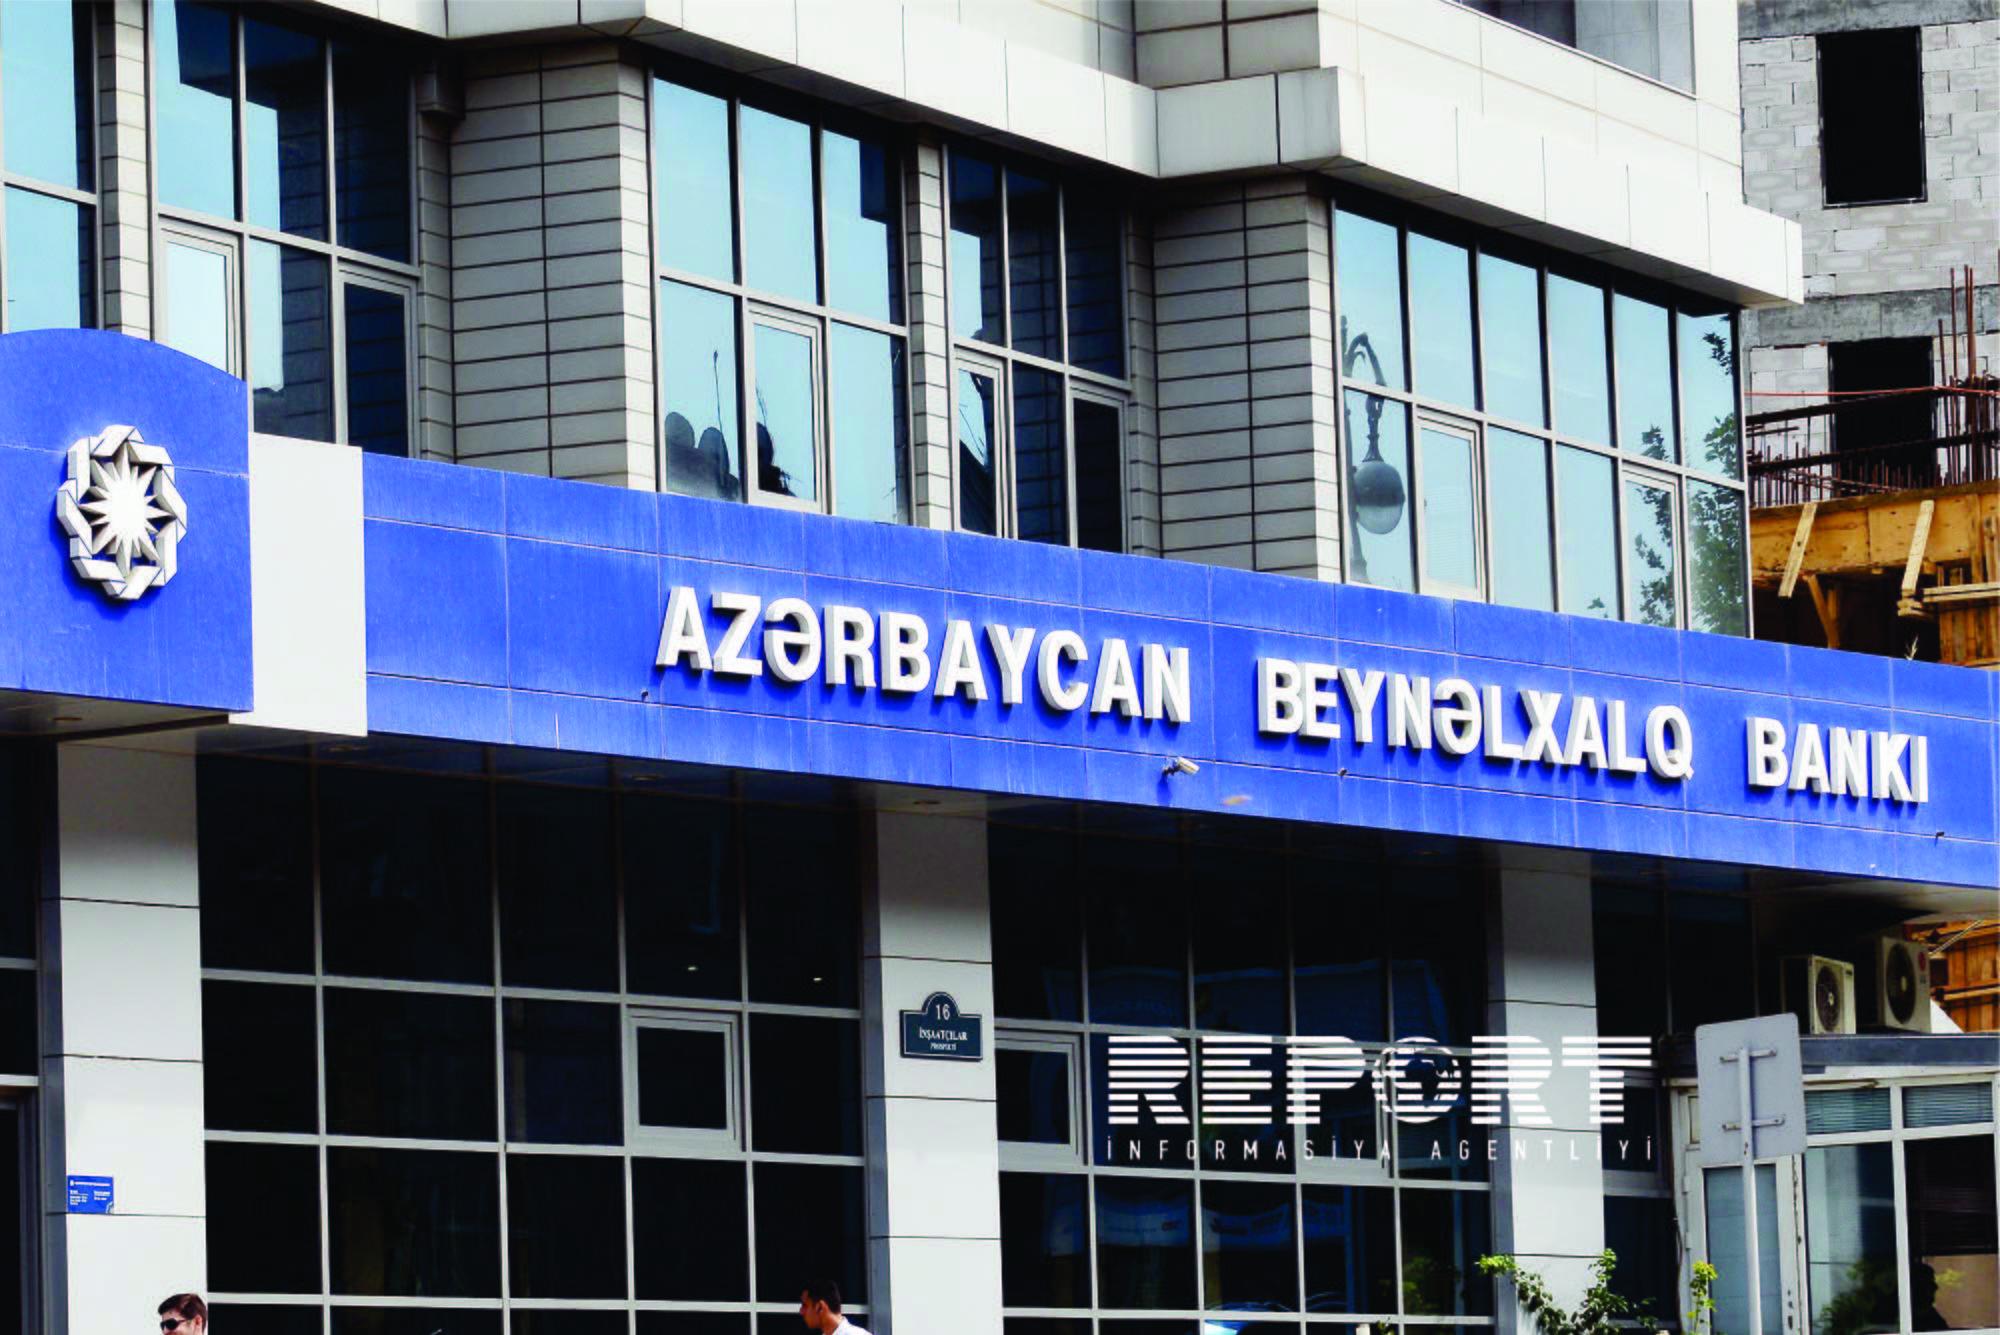 Azərbaycan Beynəlxalq Bankı tender keçirir